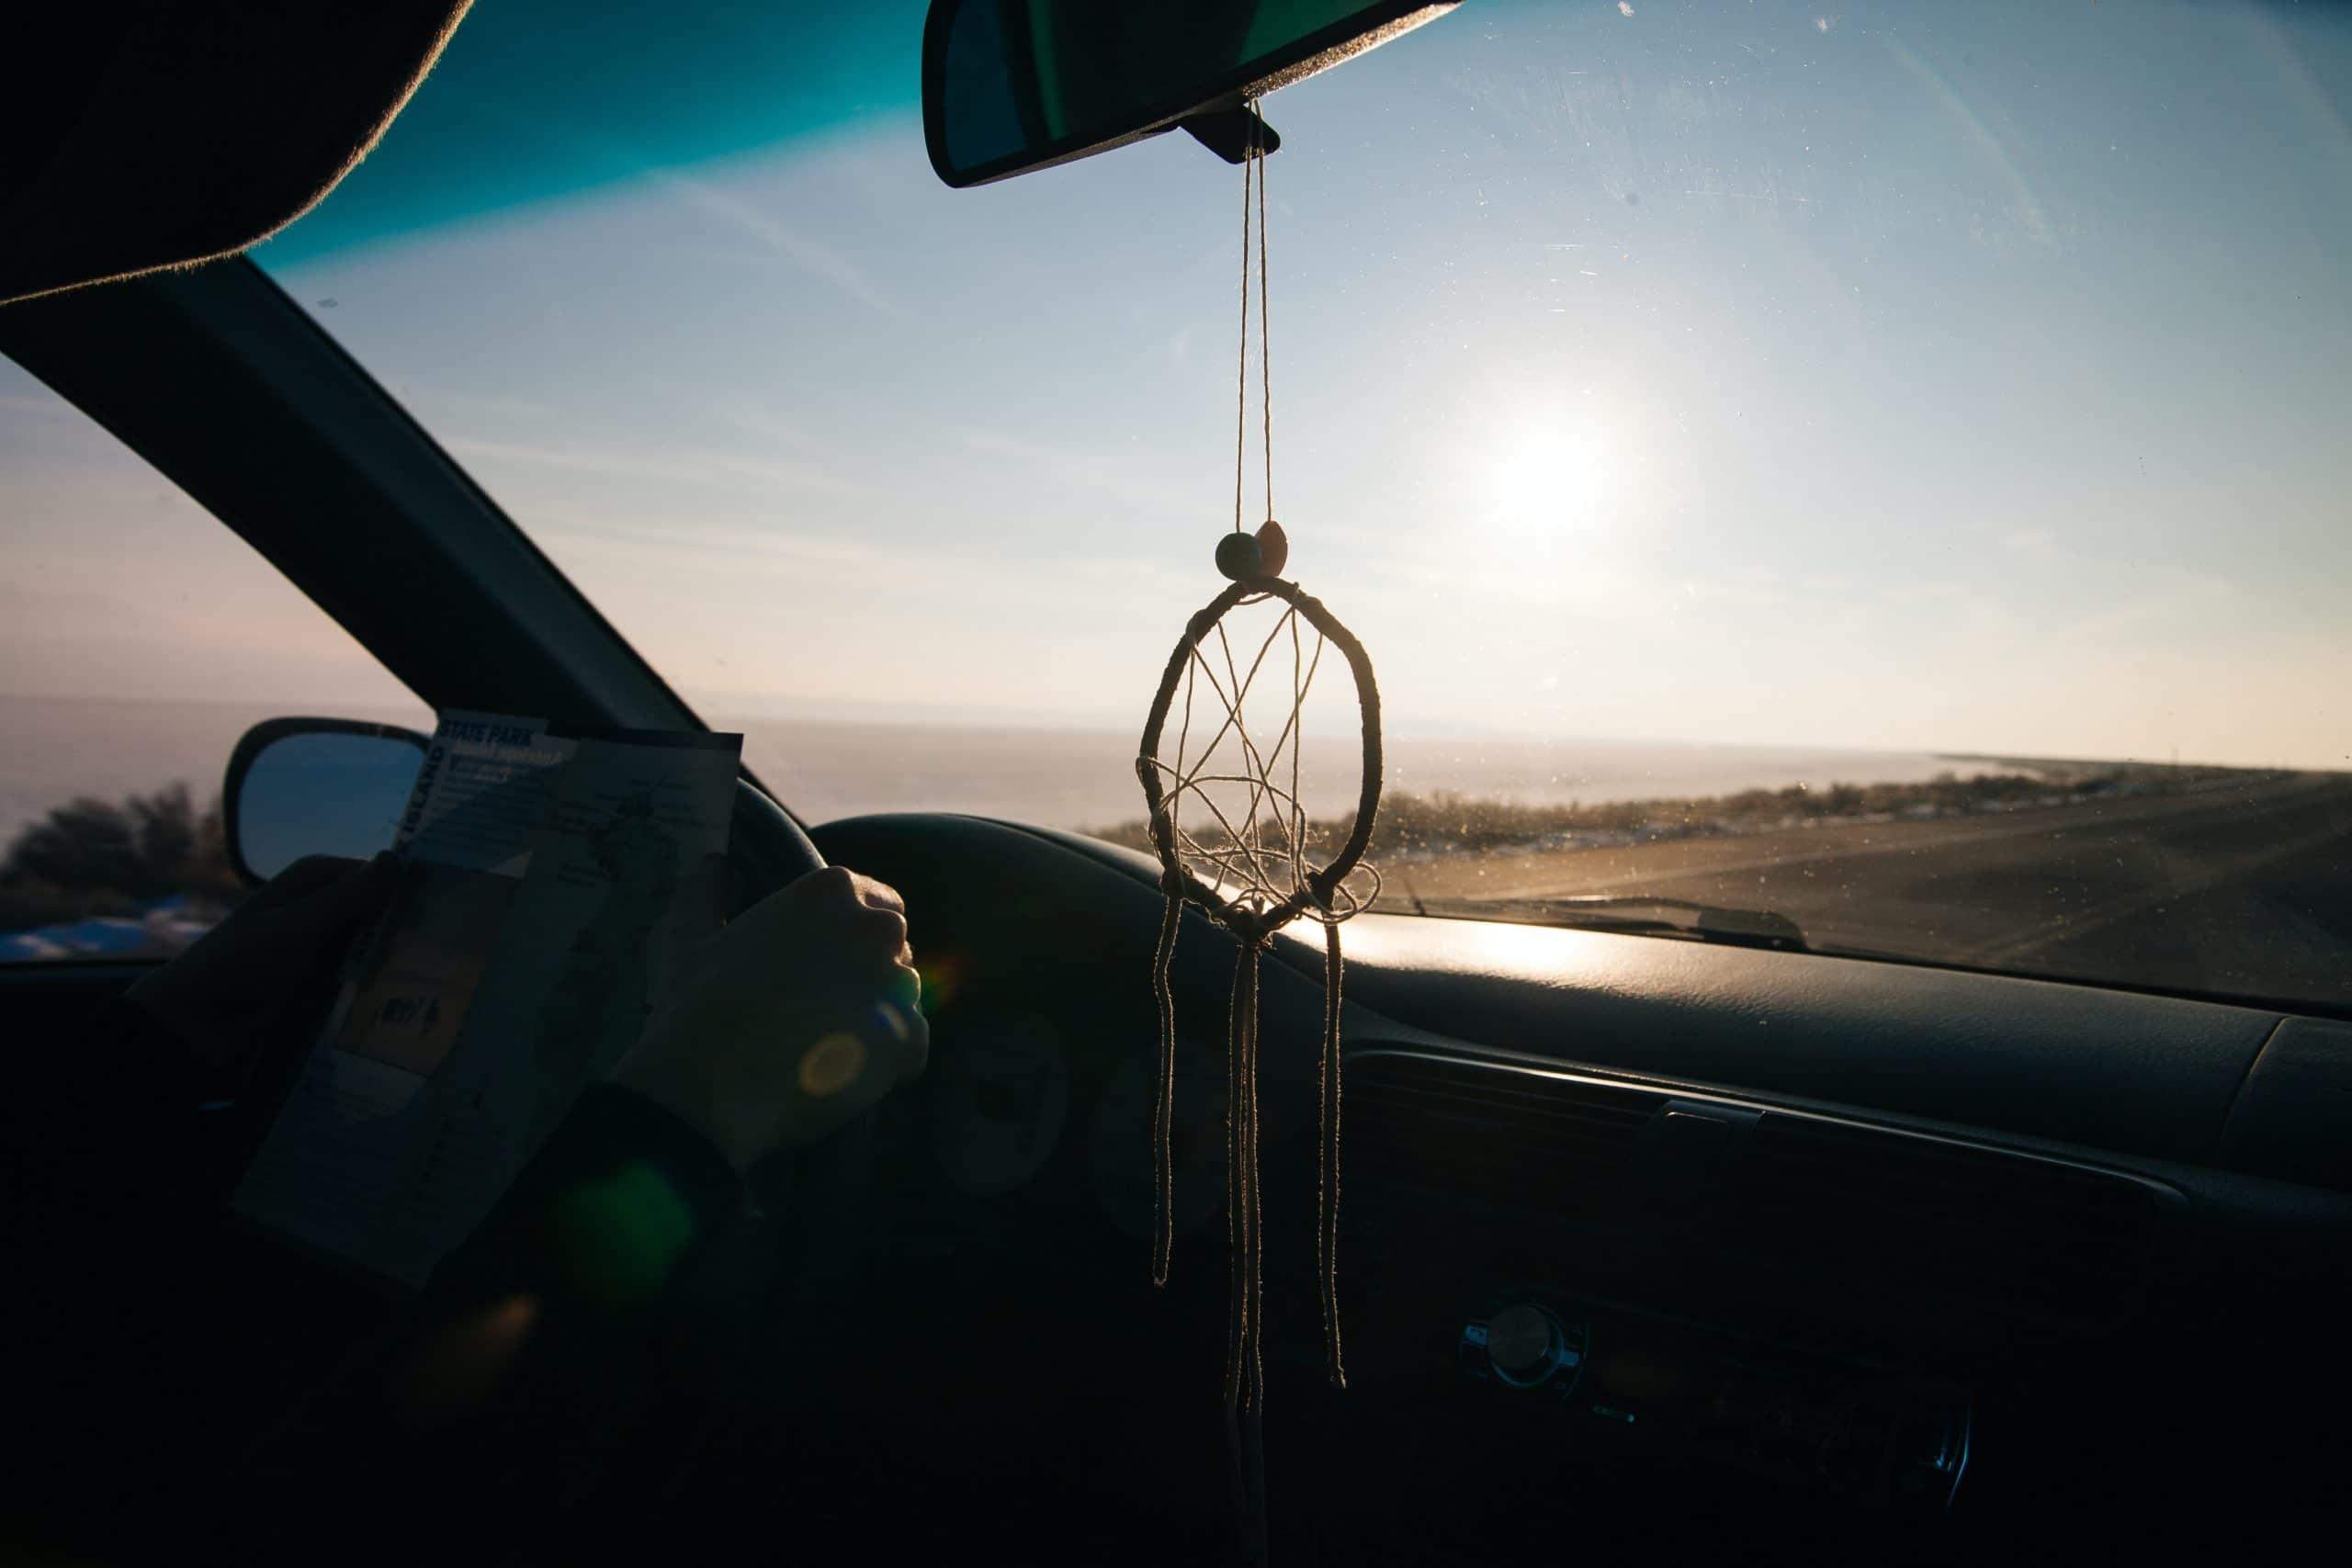 dromenvanger ophangen in de auto